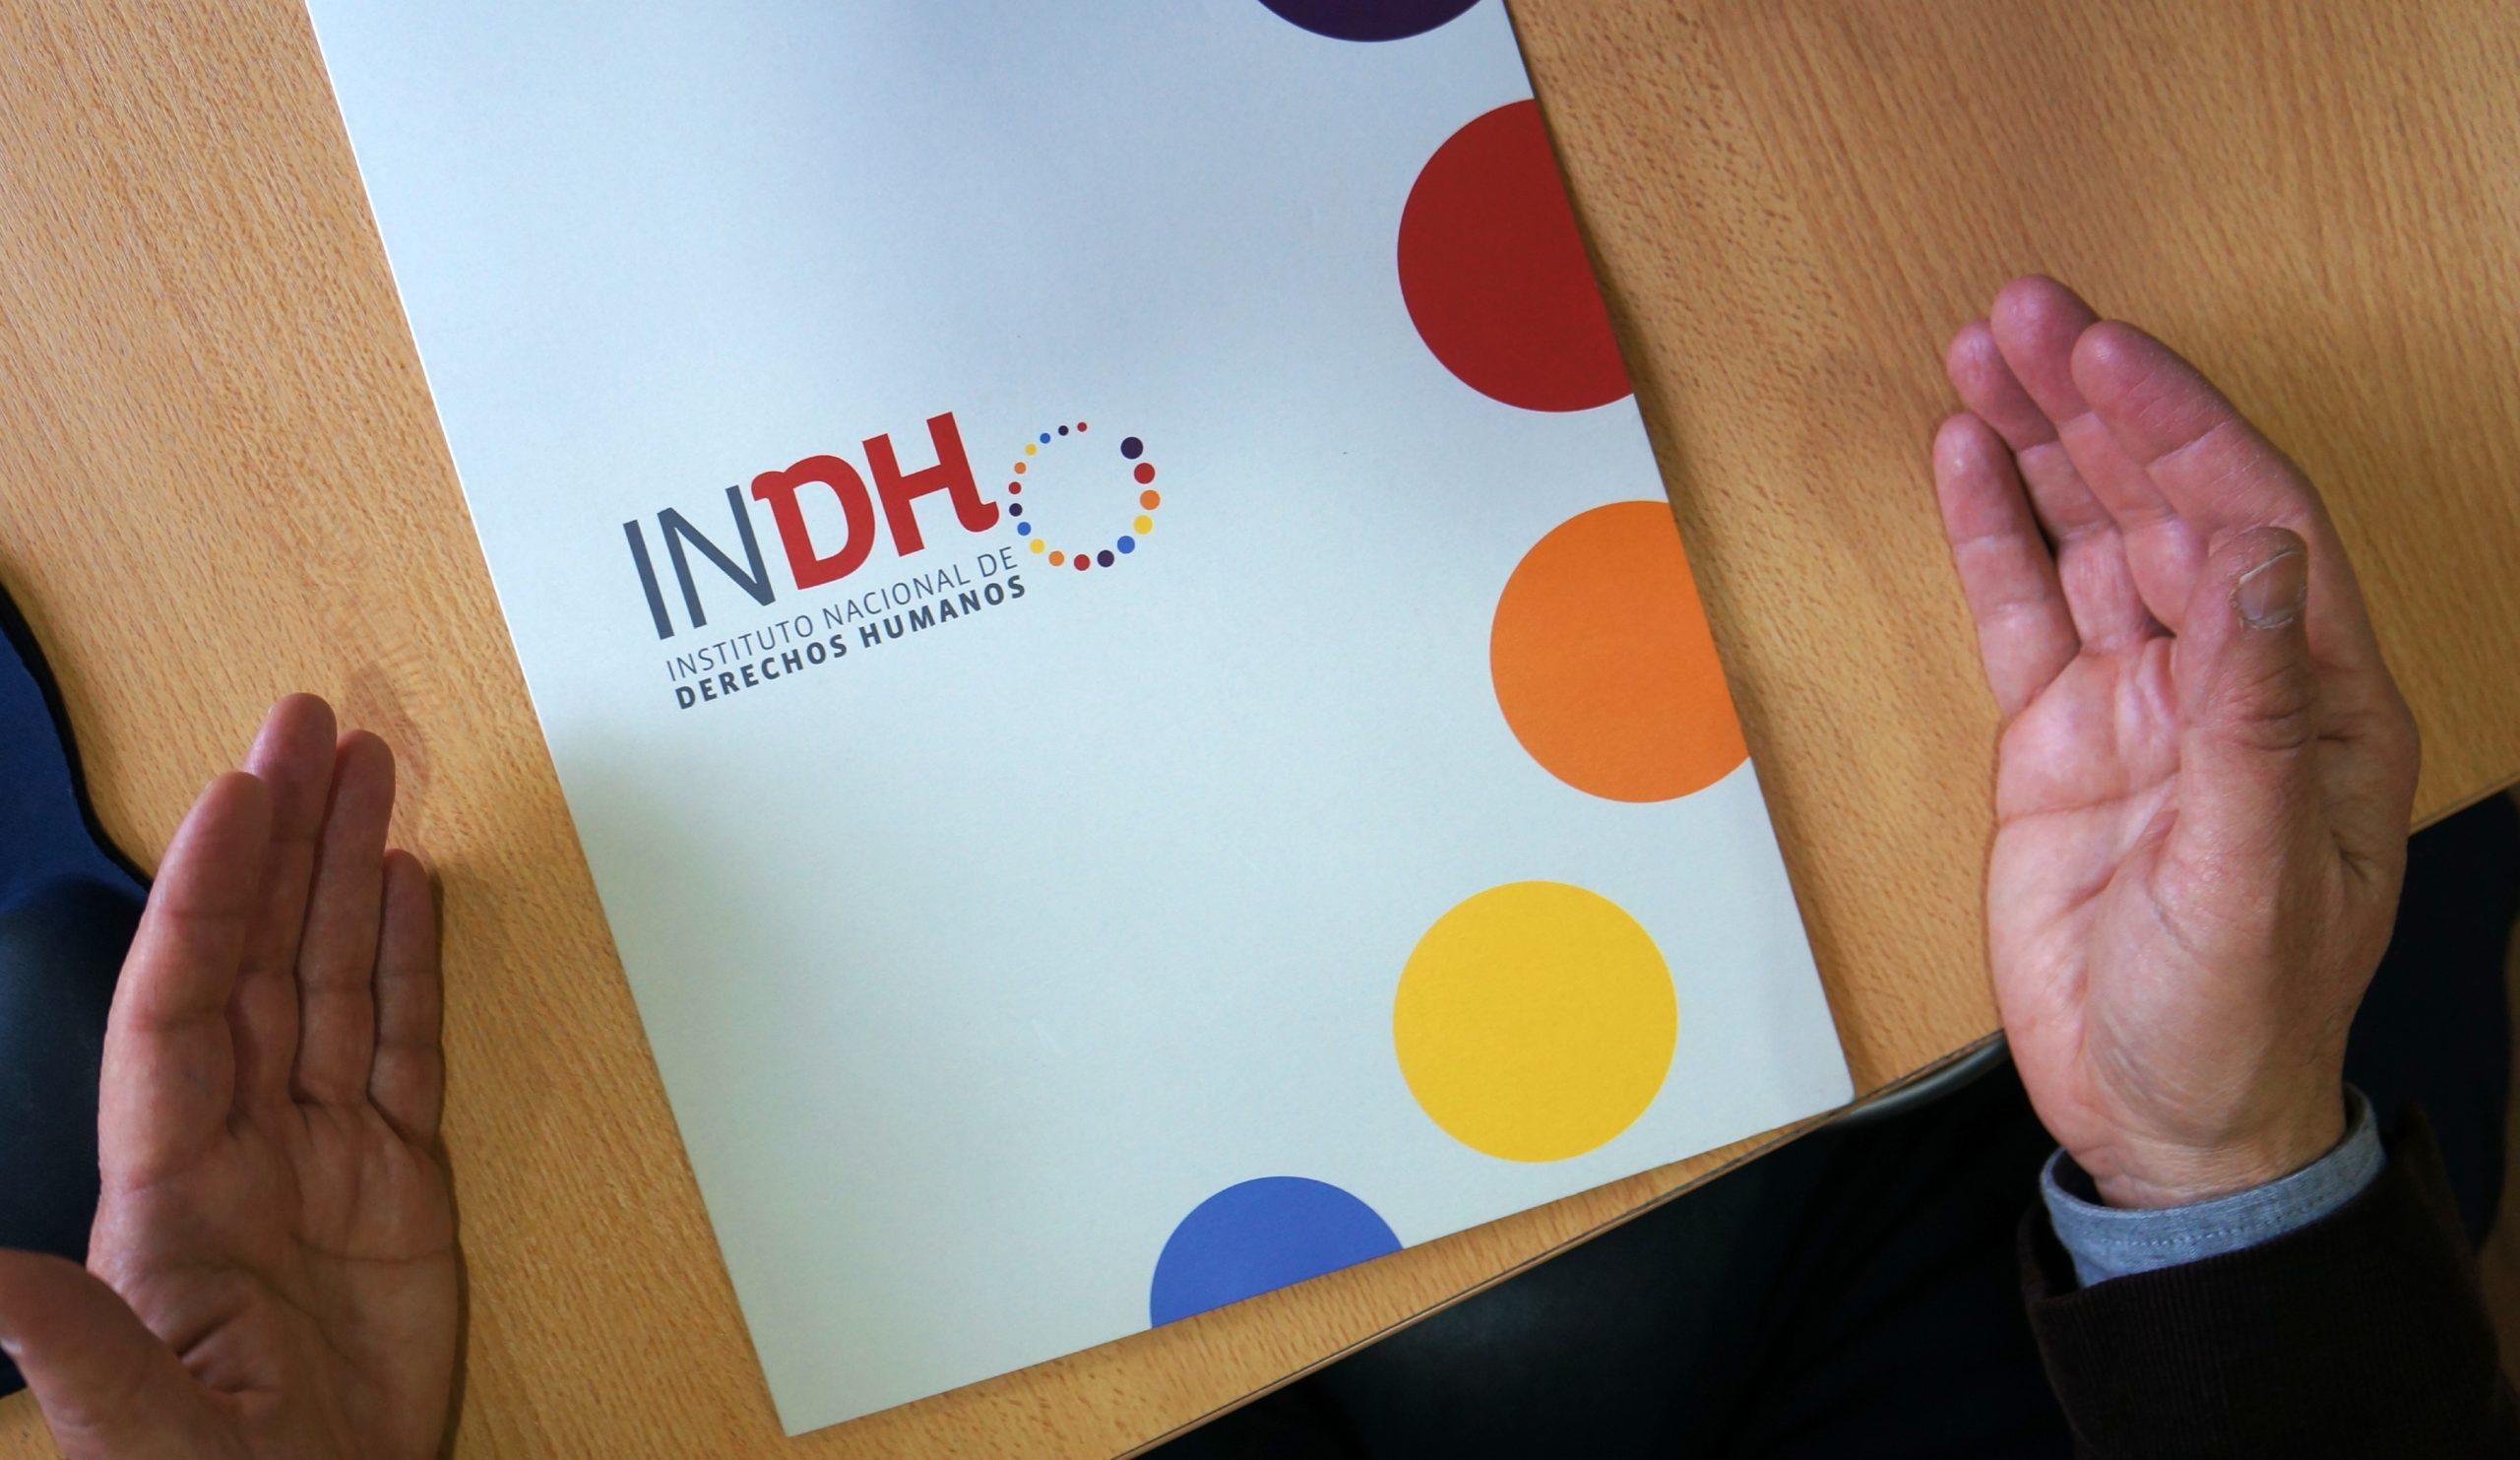 Destacada-INDH-scaled